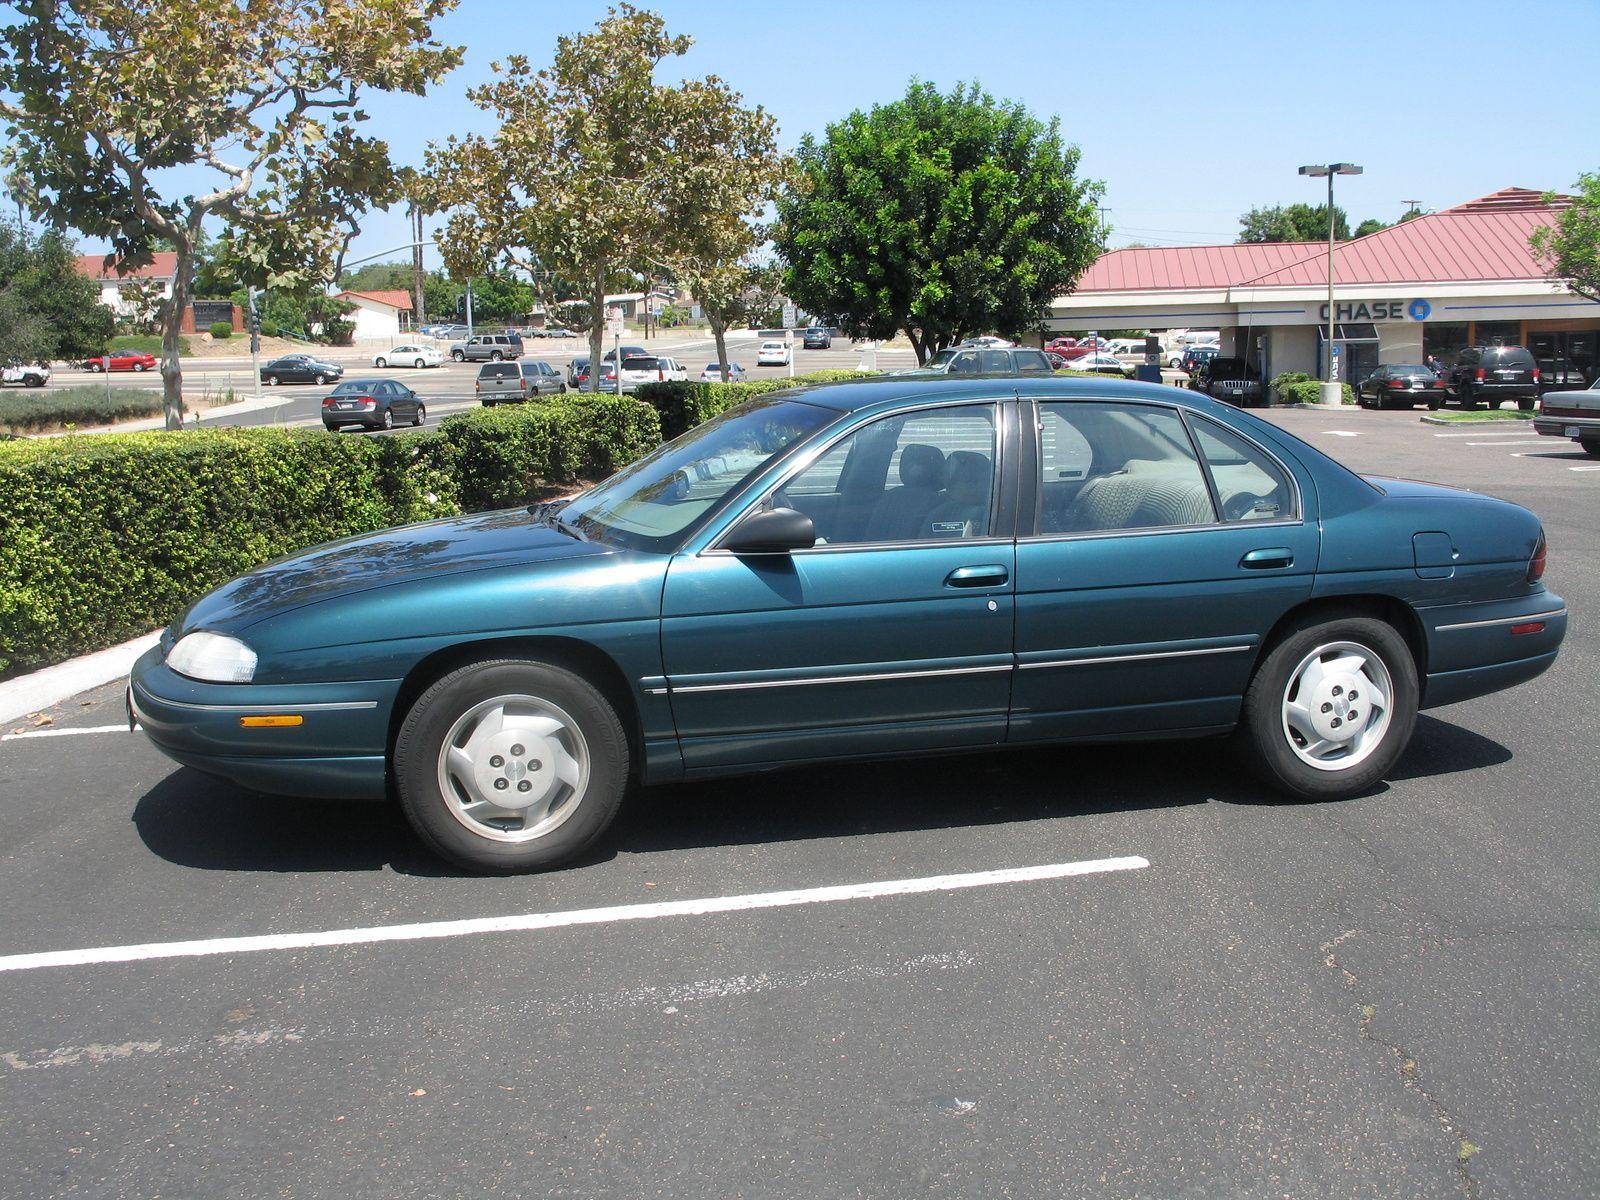 medium resolution of 1998 chevrolet lumina 4 dr ls sedan